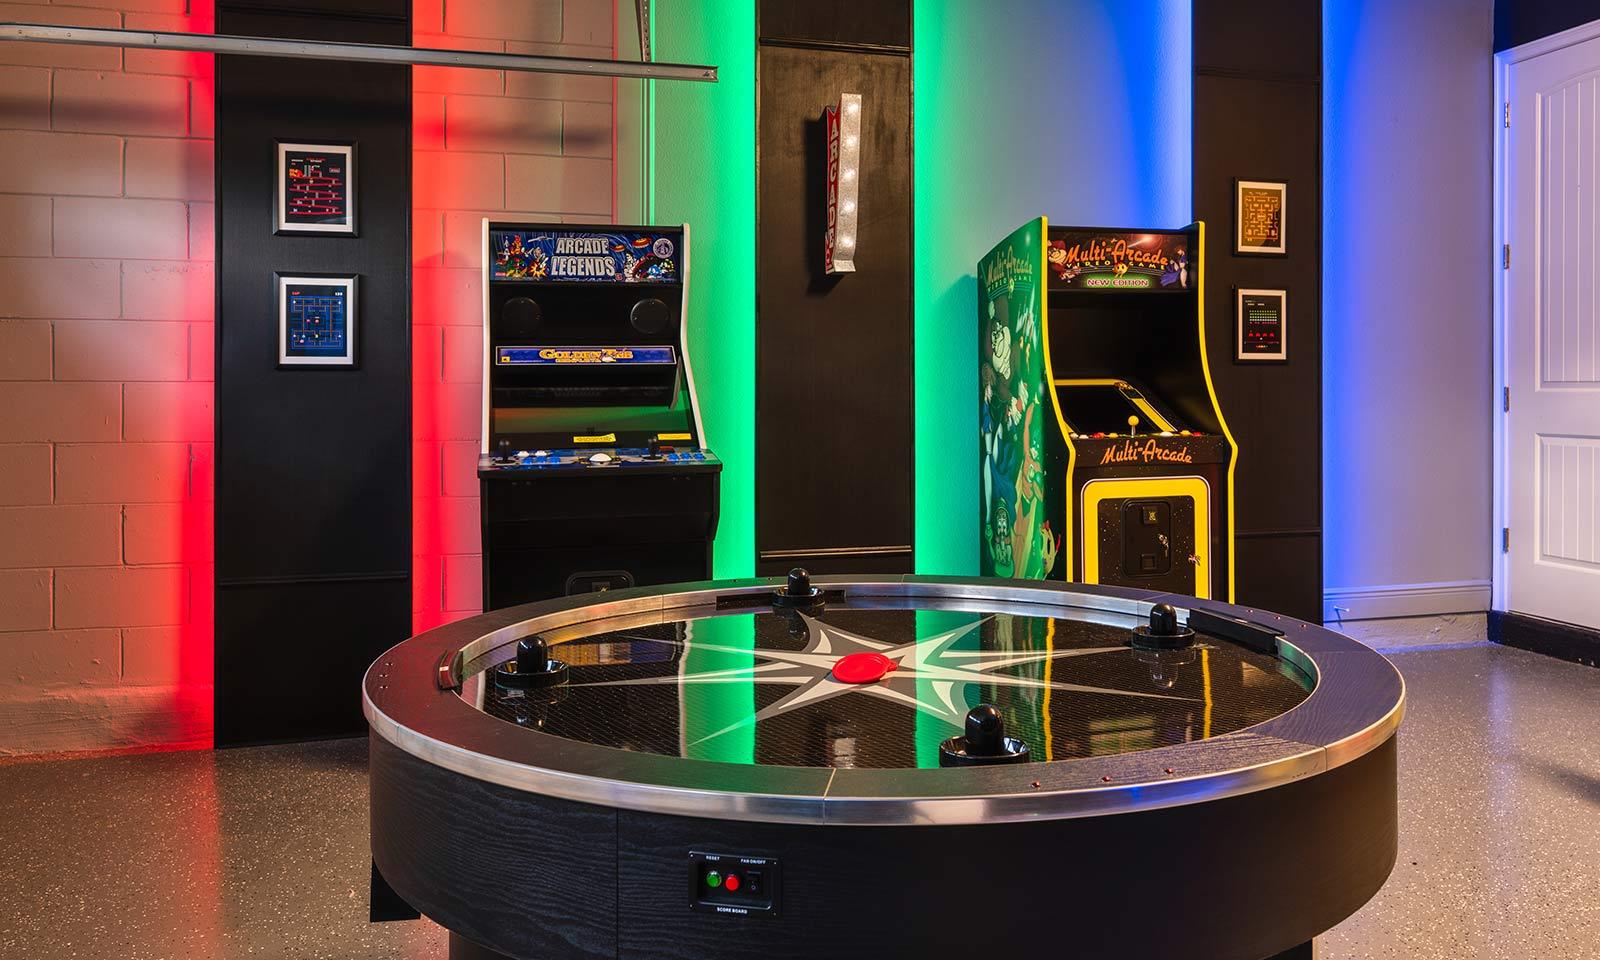 [amenities:arcade-games:1] Arcade Games